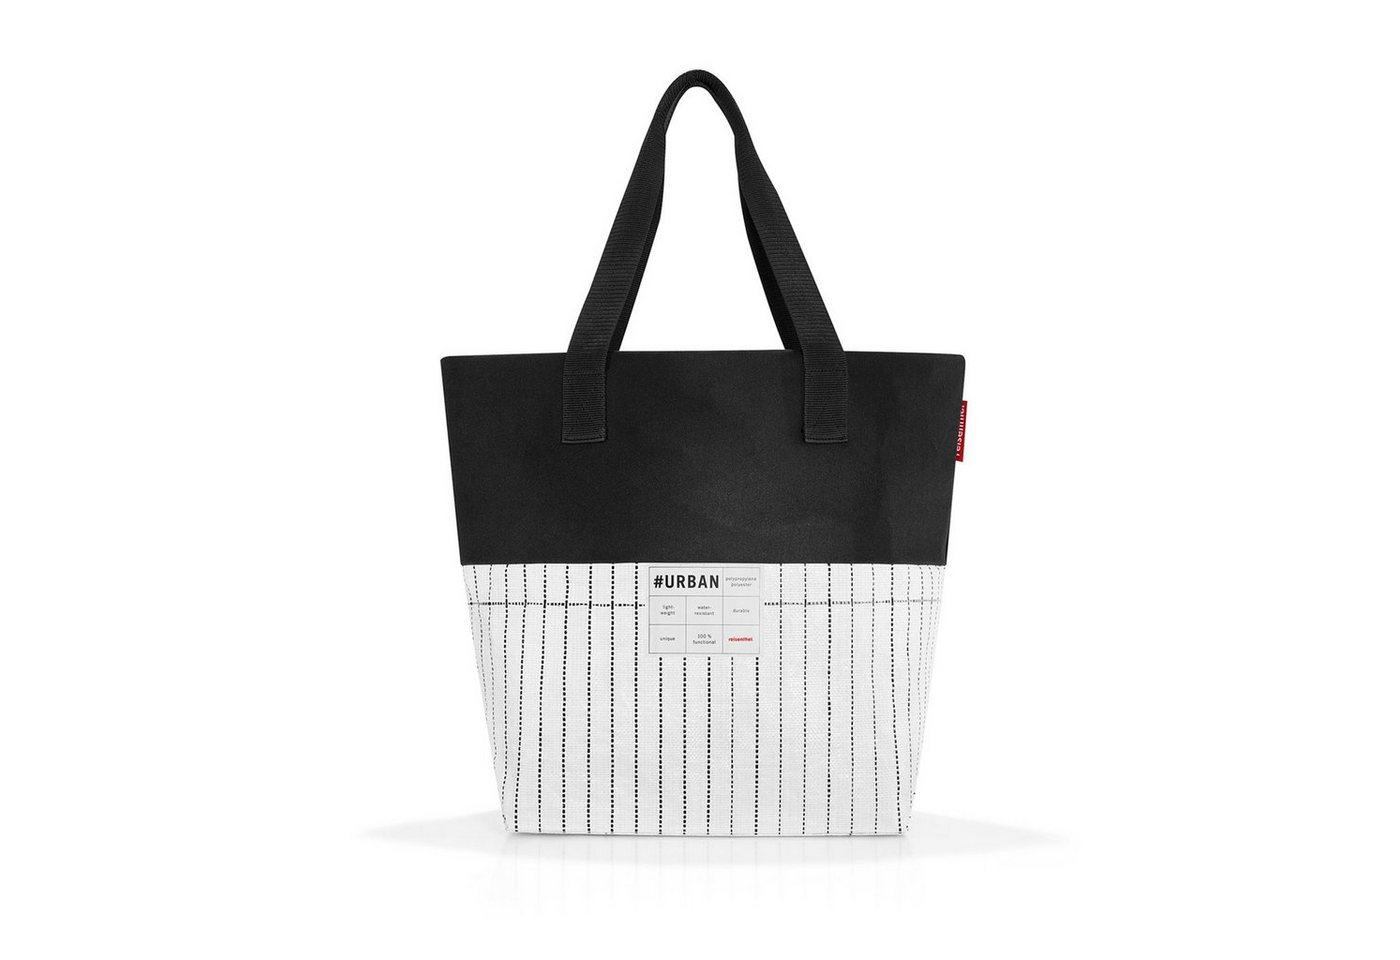 REISENTHEL® Einkaufstasche »urban bag paris« | Taschen > Handtaschen > Einkaufstasche | REISENTHEL®